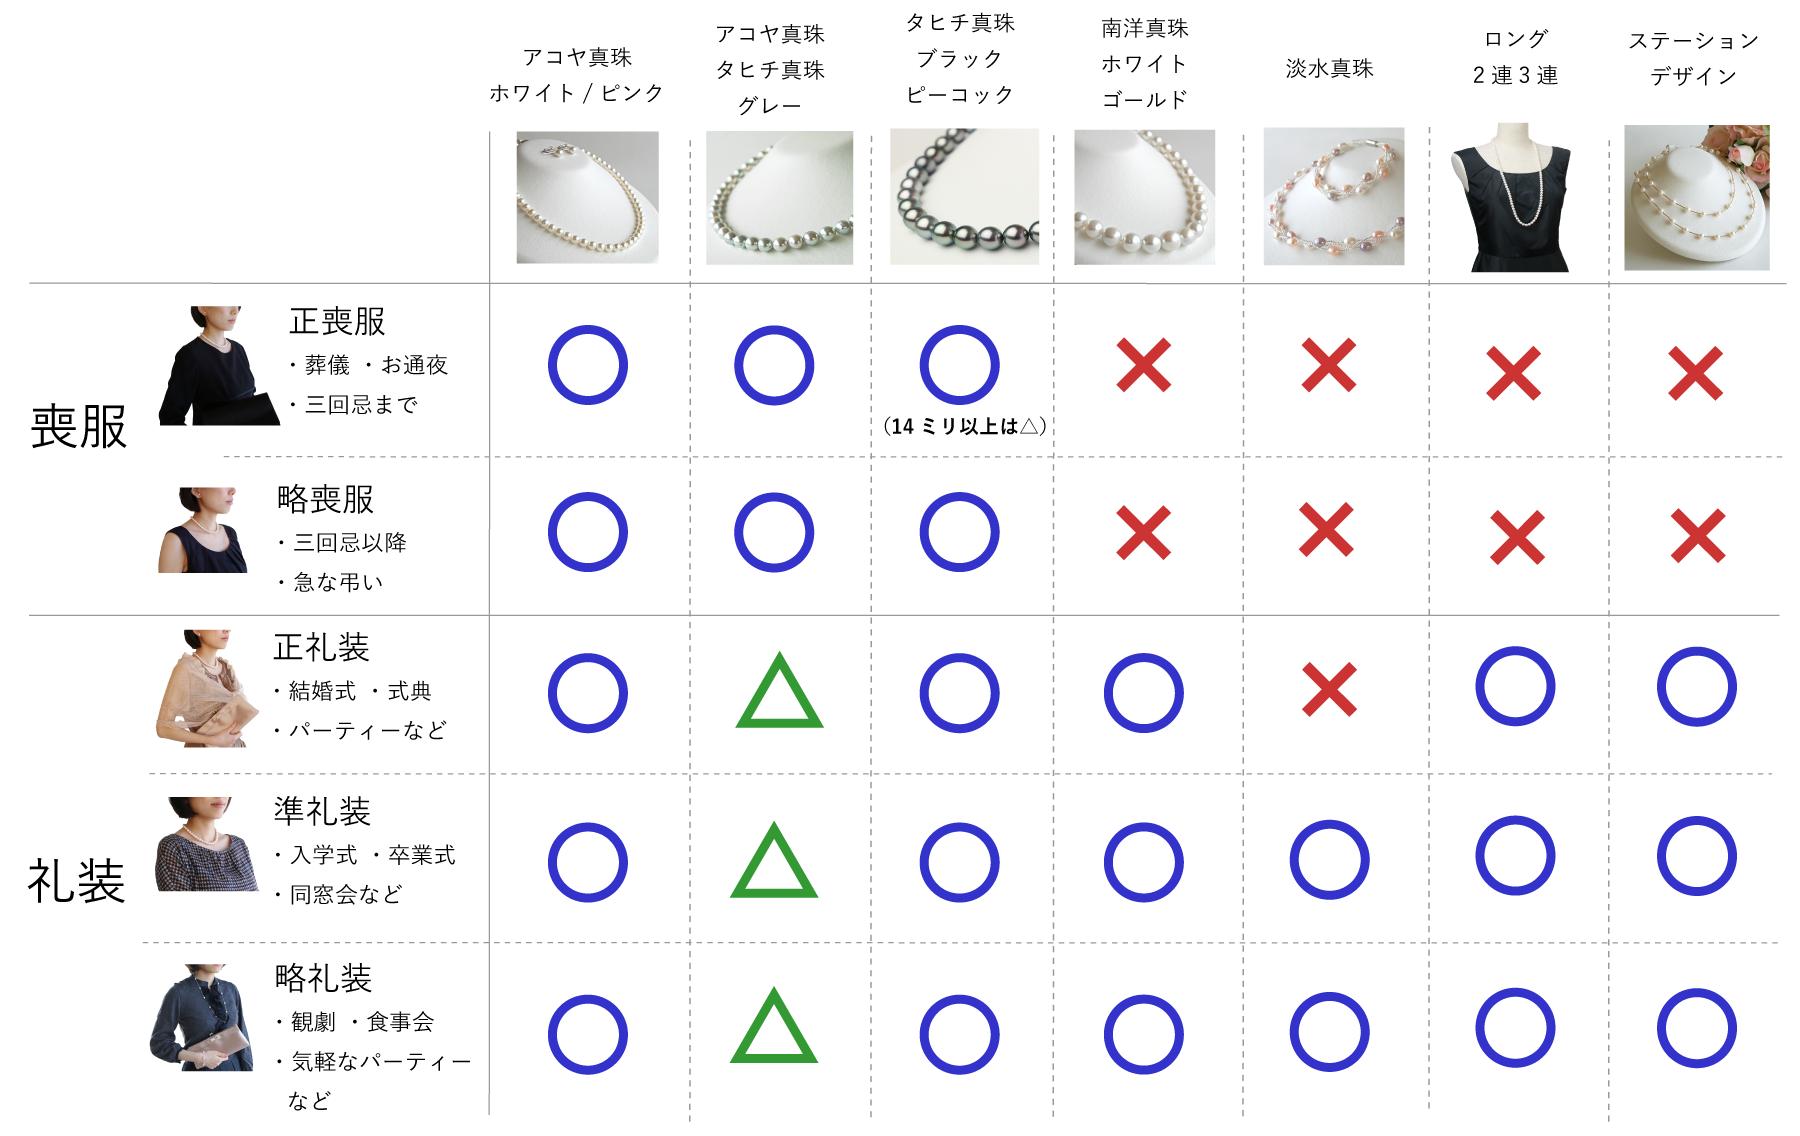 パールネックレスの着用シーン一覧表